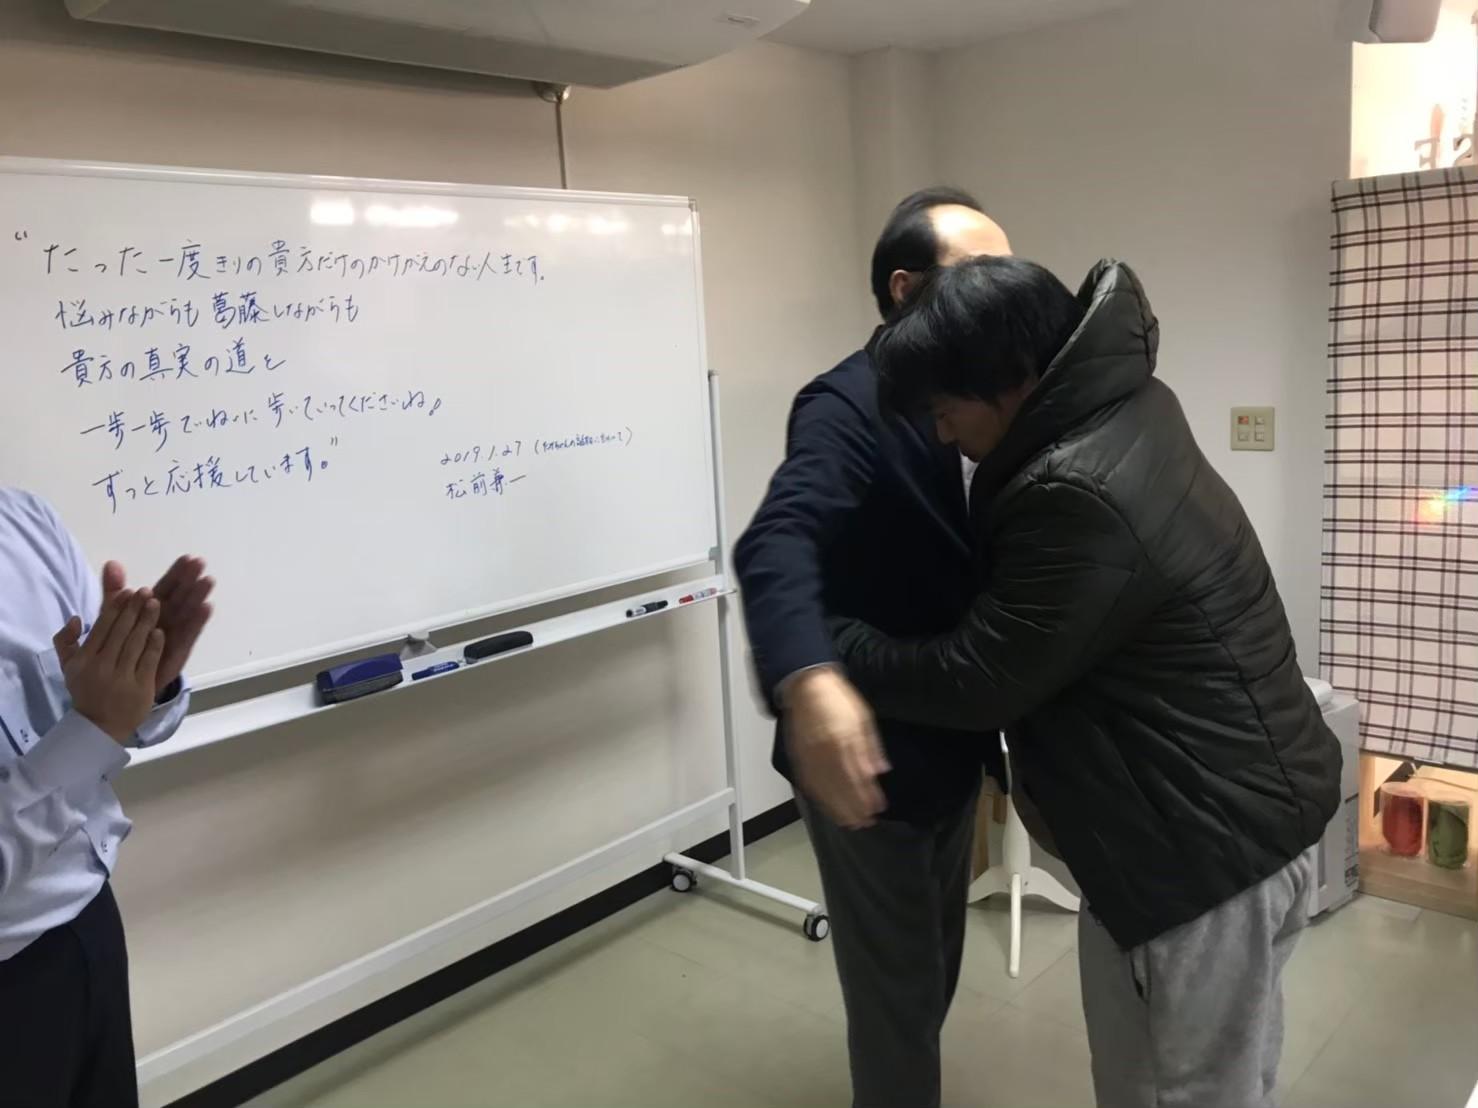 2019.1.26〜27 200229 0002 - ピーチスノウで学ぶ色彩人間学